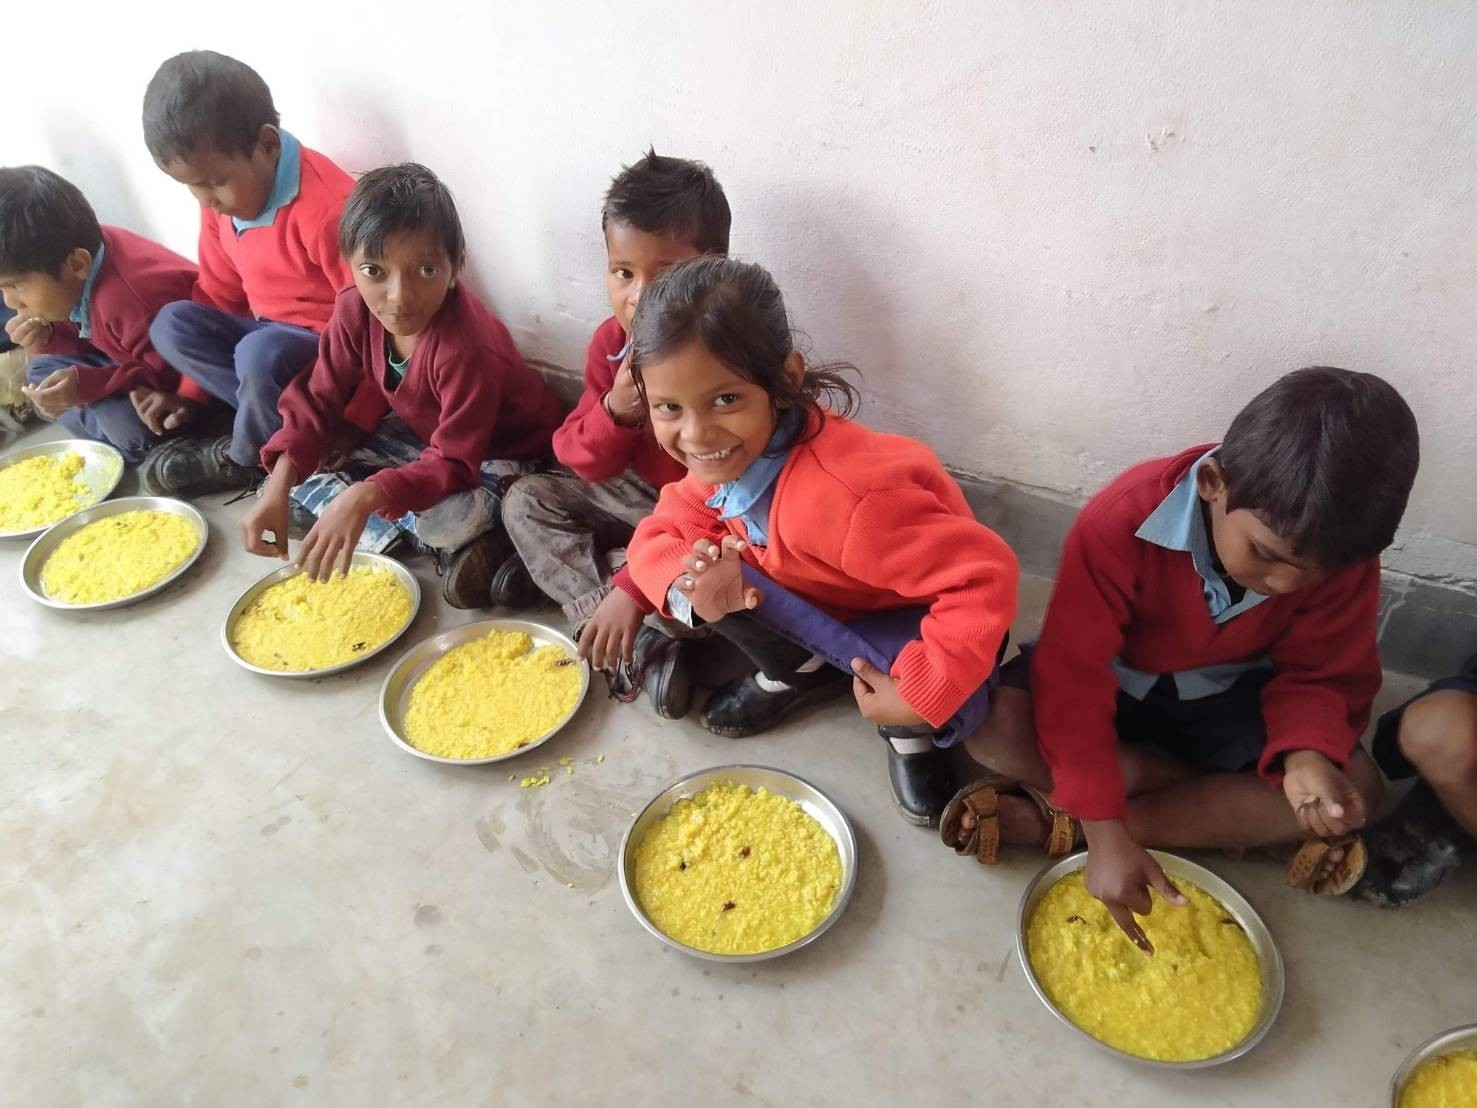 【木曜昼枠のお店紹介】すぐ、そこインド-インドで教わった「作りたてフレッシュ」でスパイシーなおうちごはん-